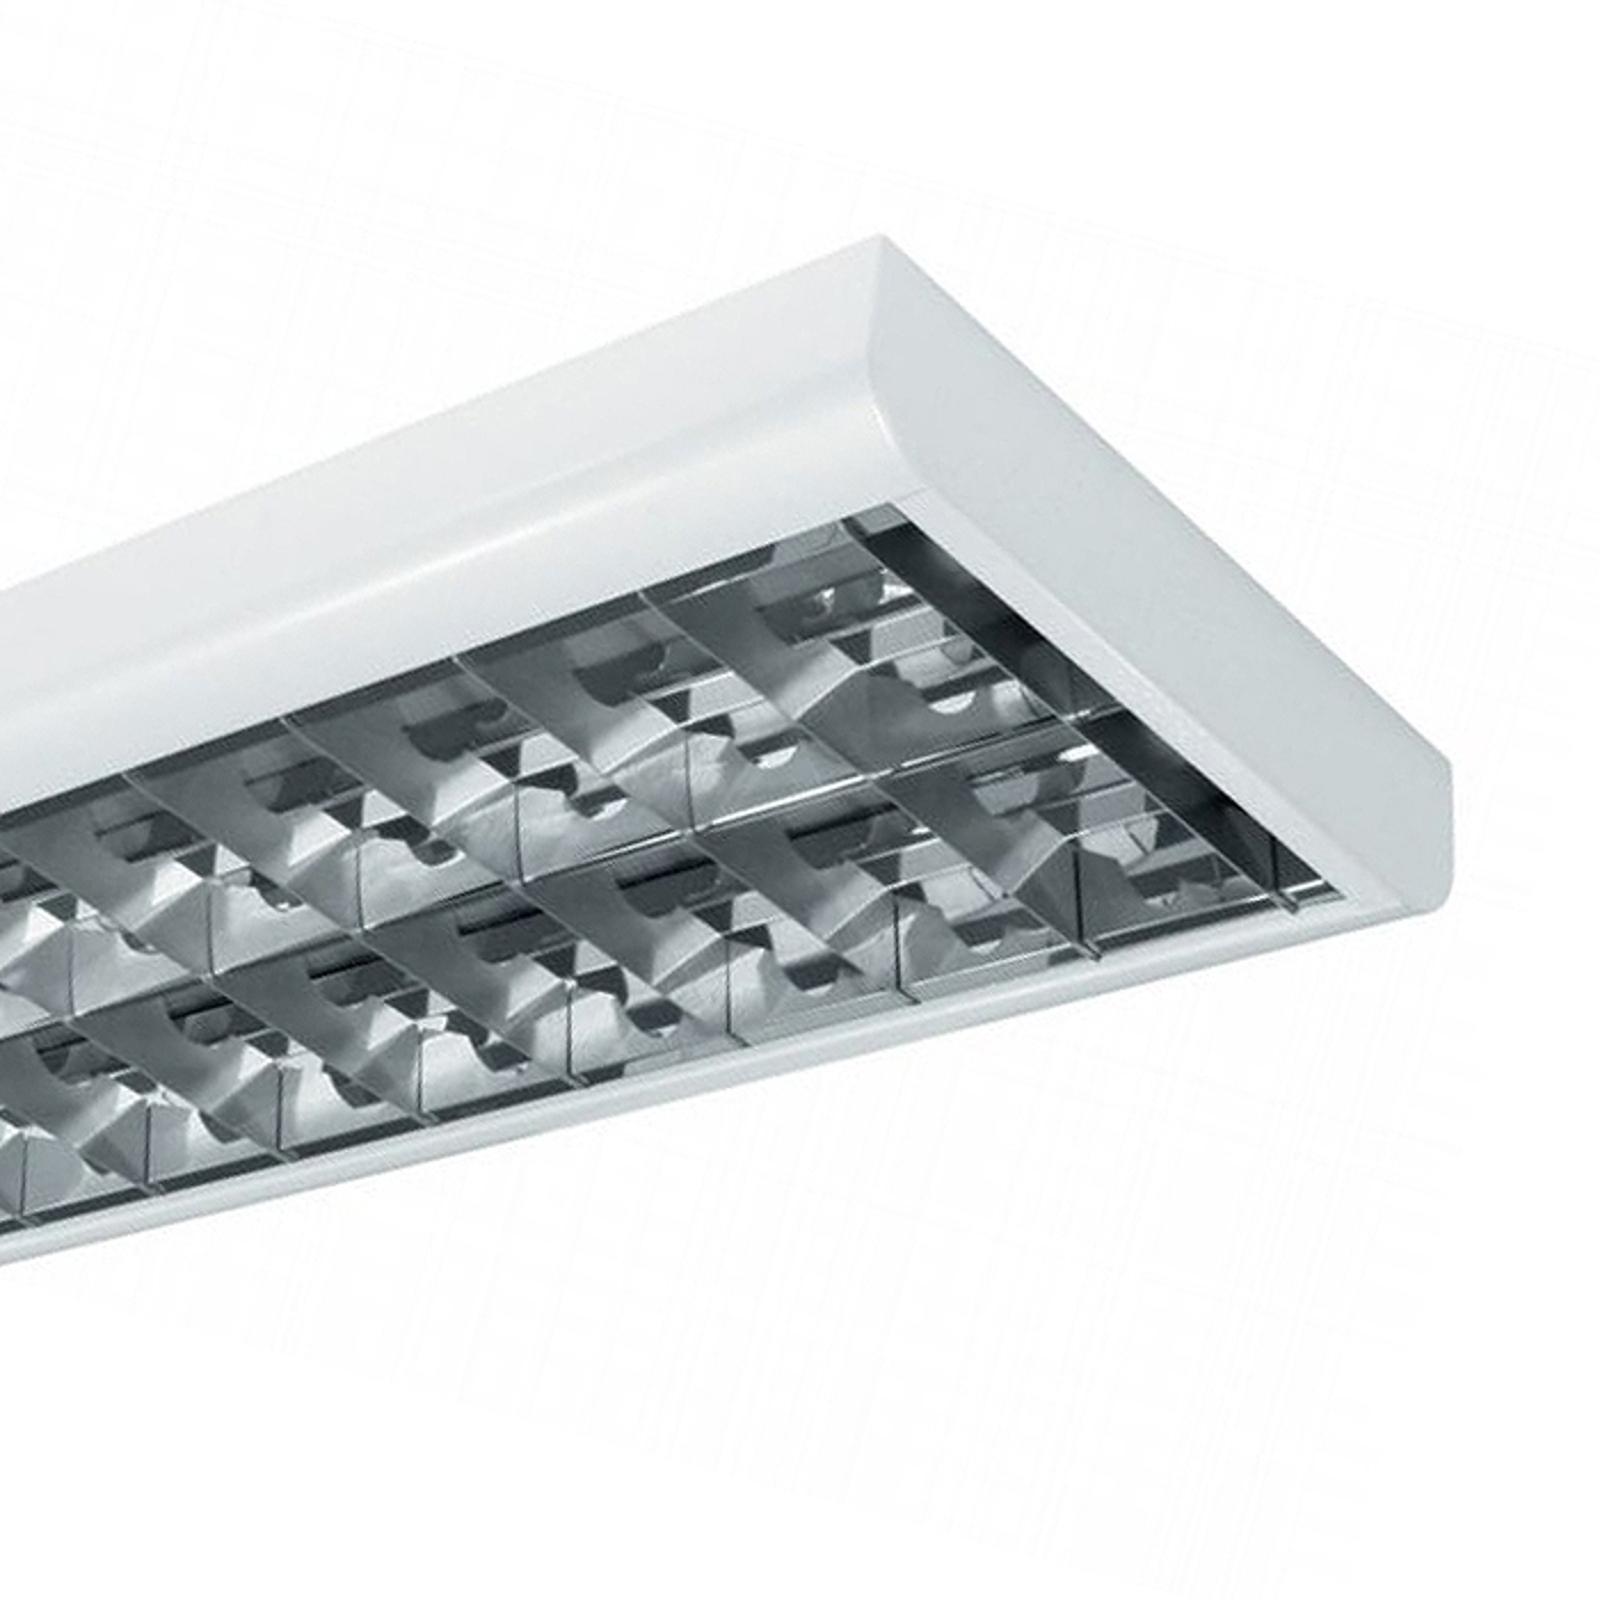 Mycket platt rasterlampa T8 BAP 58 W 2 lampor